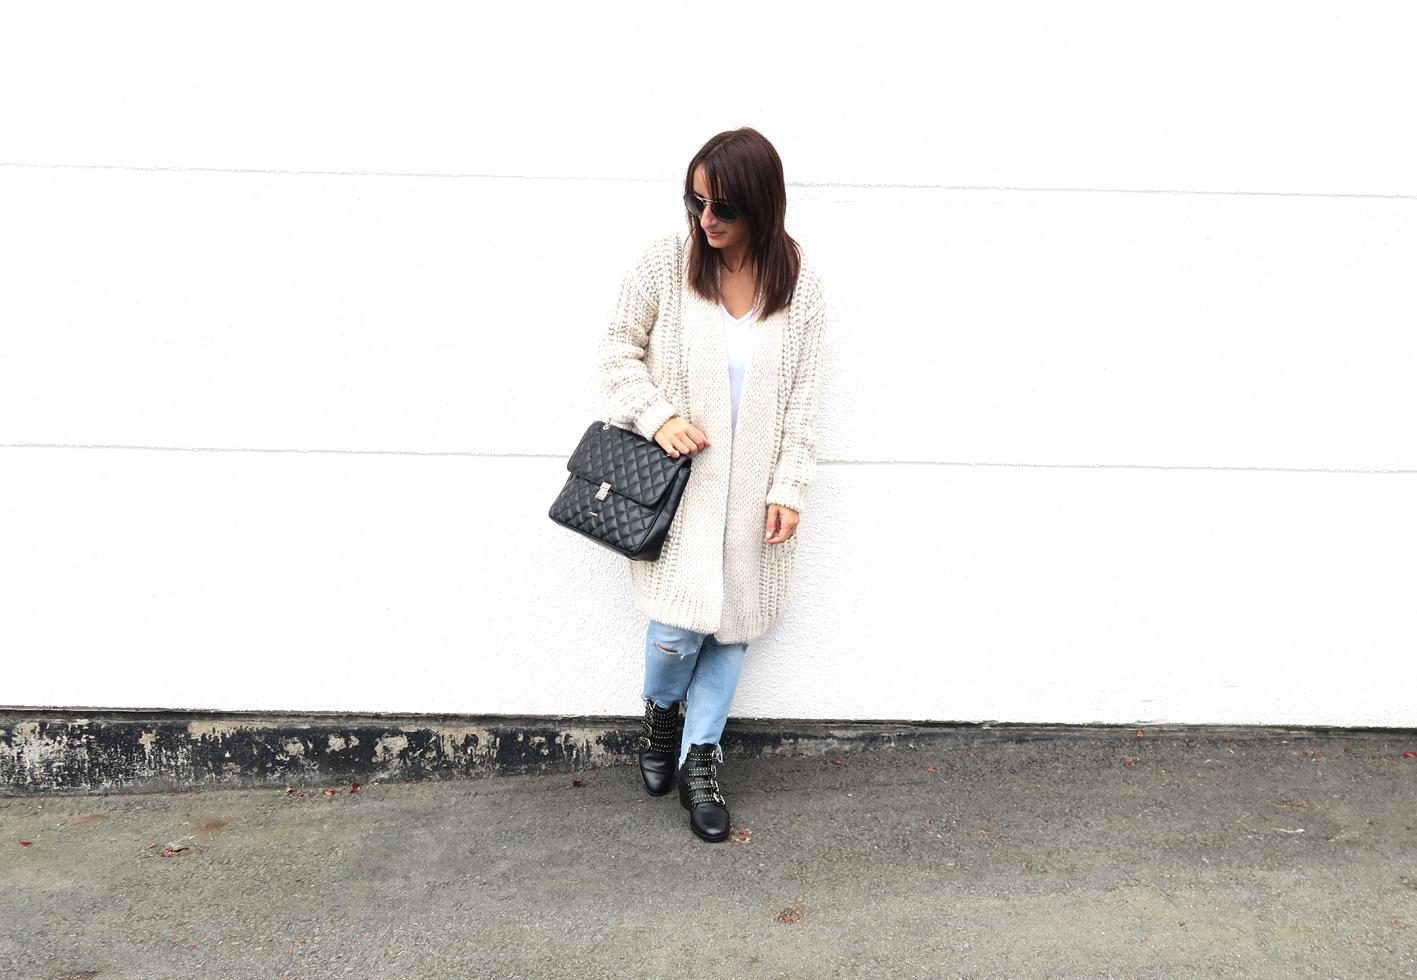 nieten-boots-herbstlook-streetstyle-autumn-blogger-fashion-outfit-zara-4